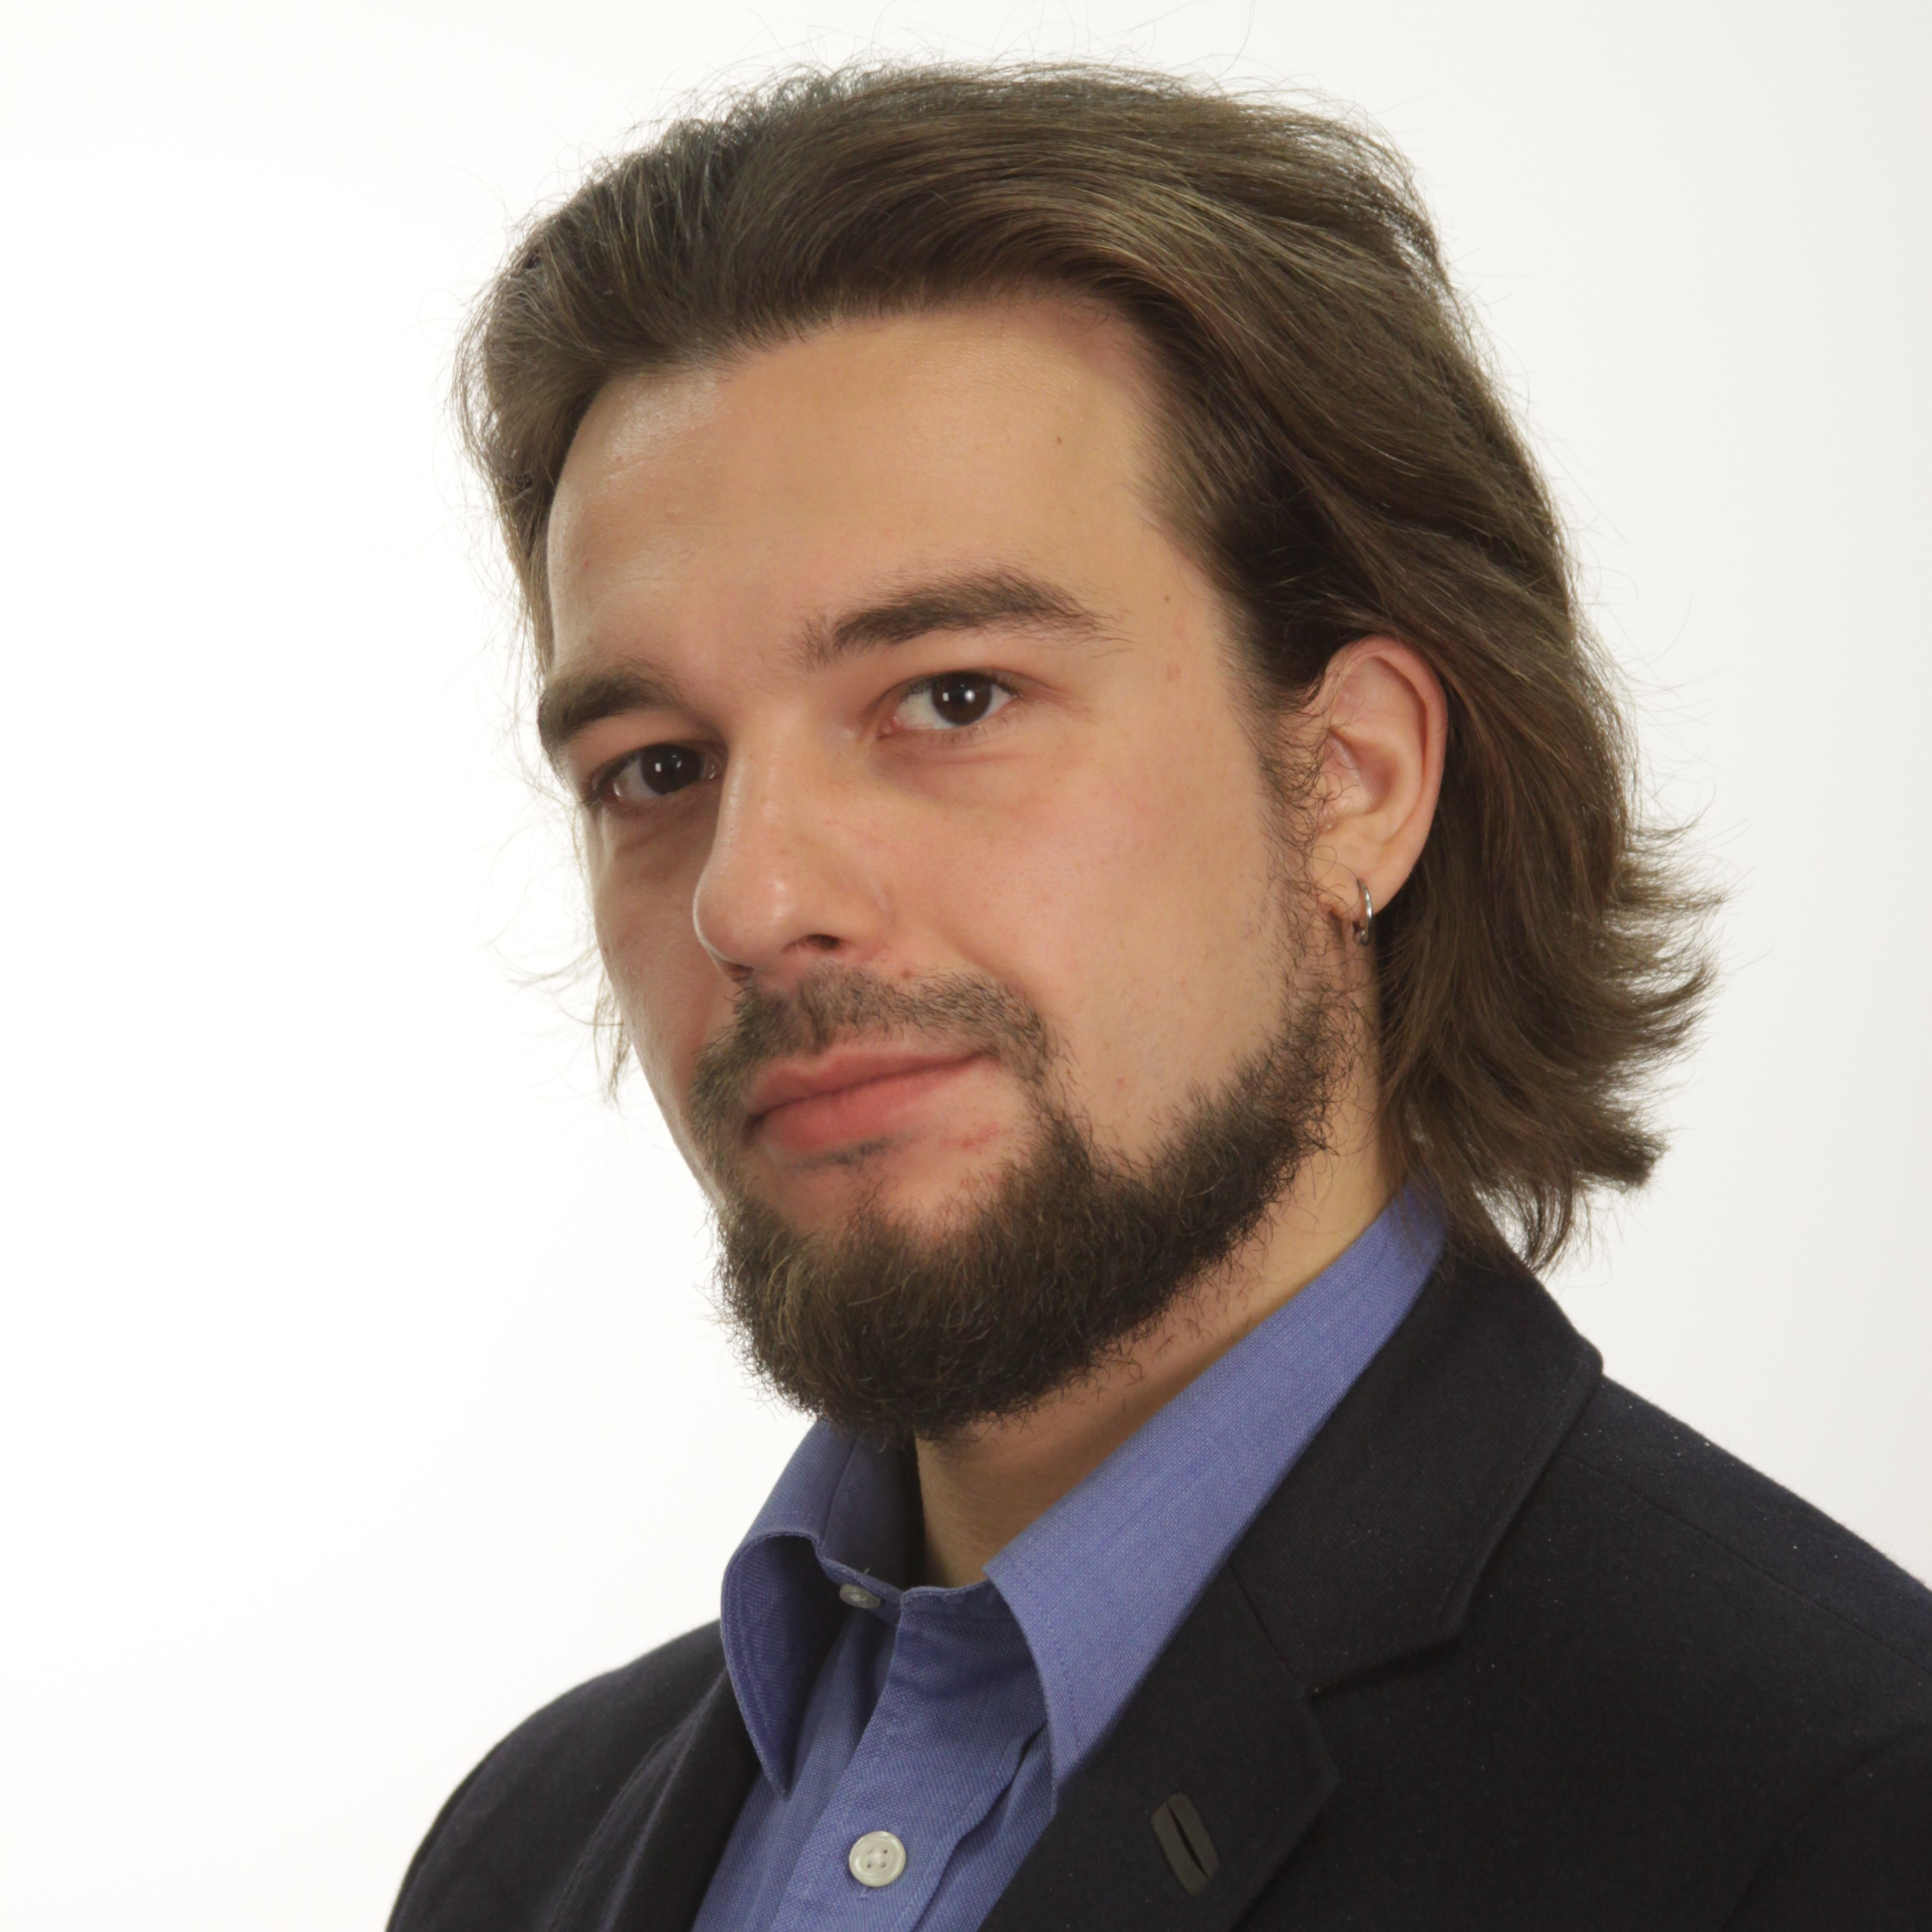 Filip Szumowski